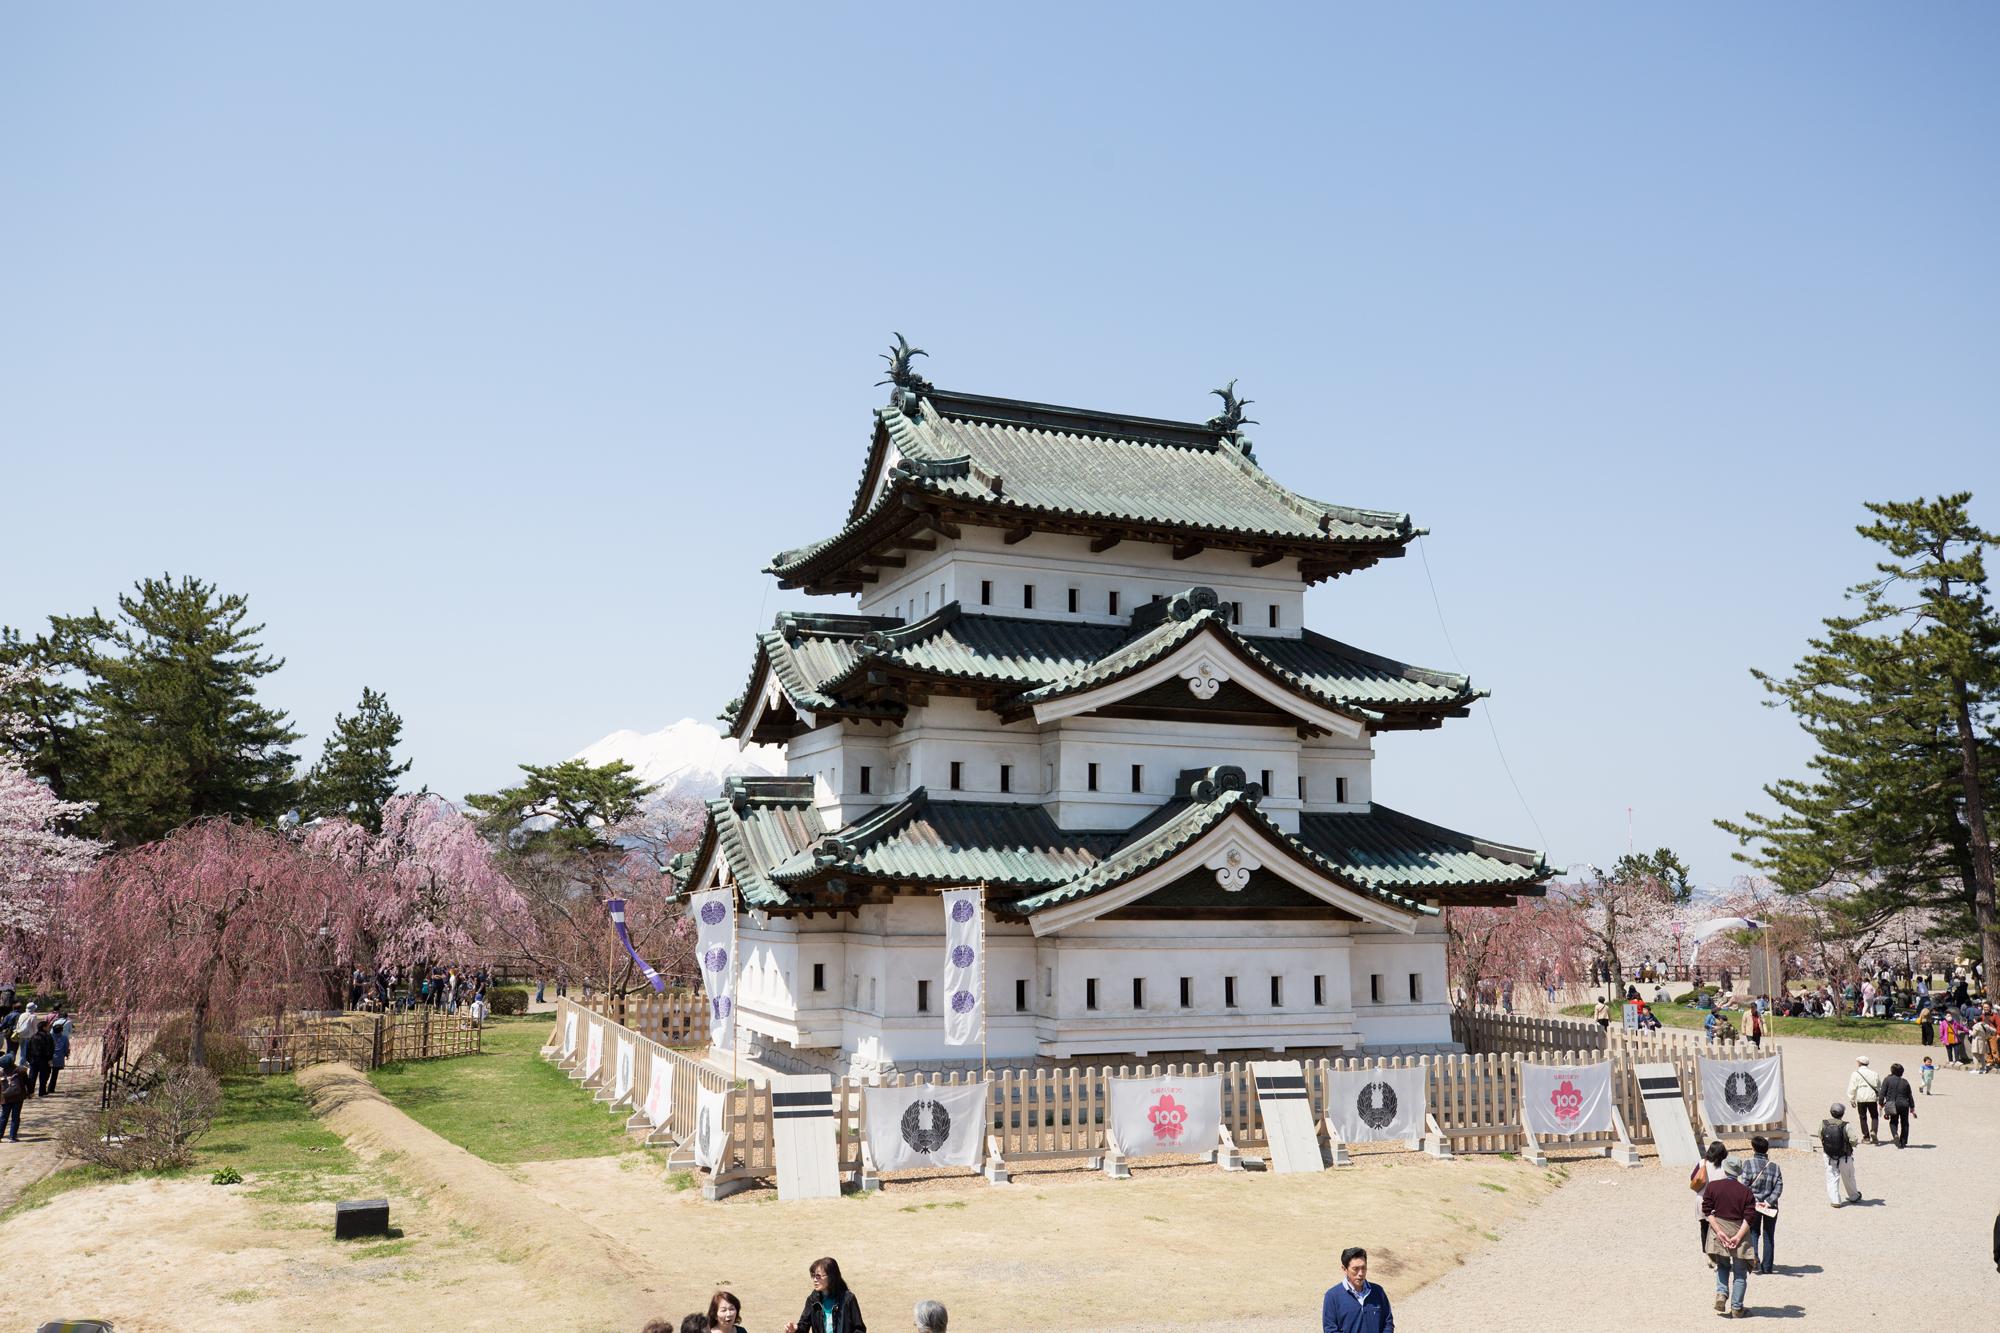 弘前さくらまつり2017 弘前城と桜